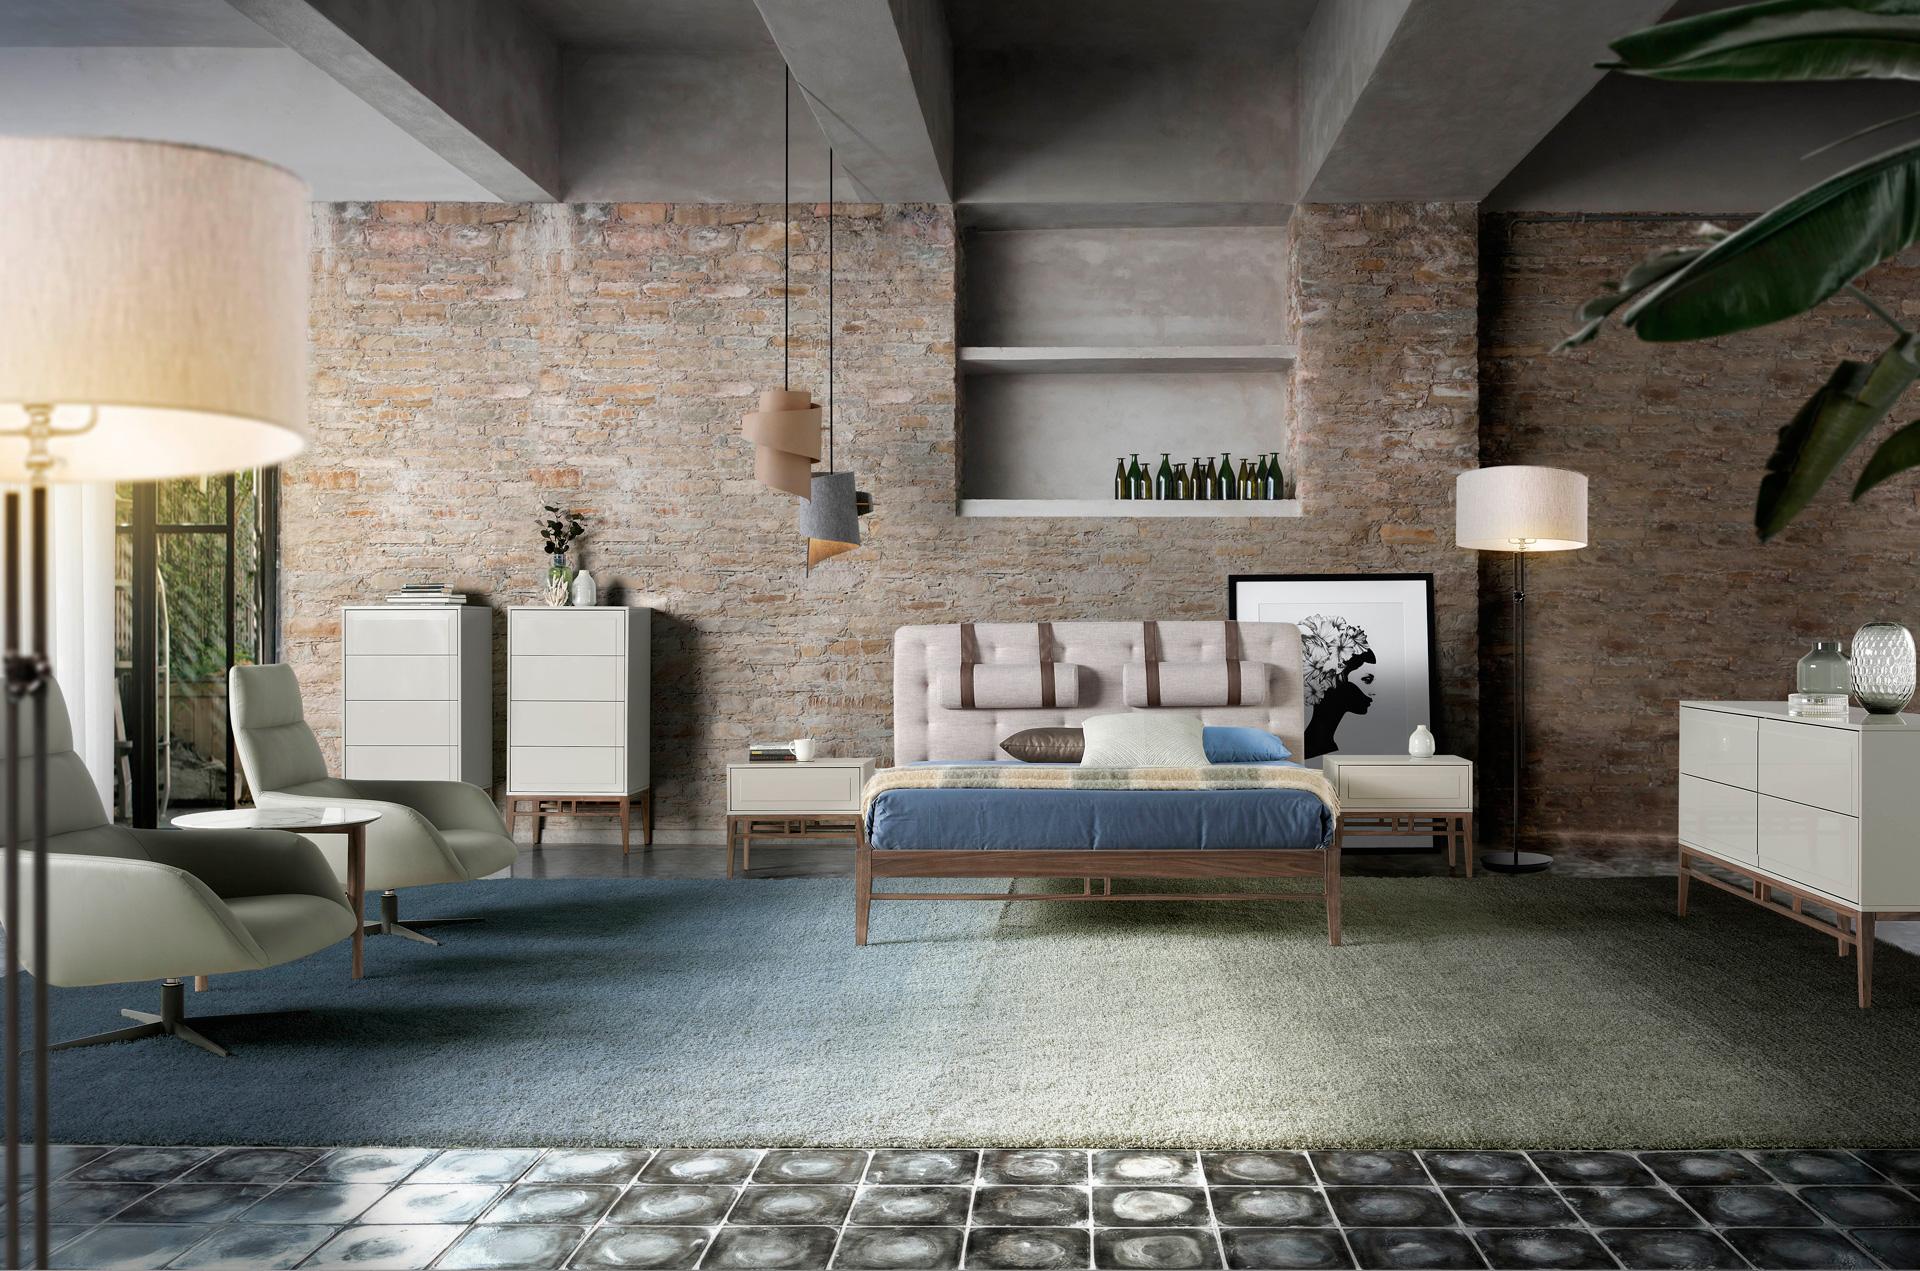 nueva colección de muebles de diseño italiano by Angel Cerdá